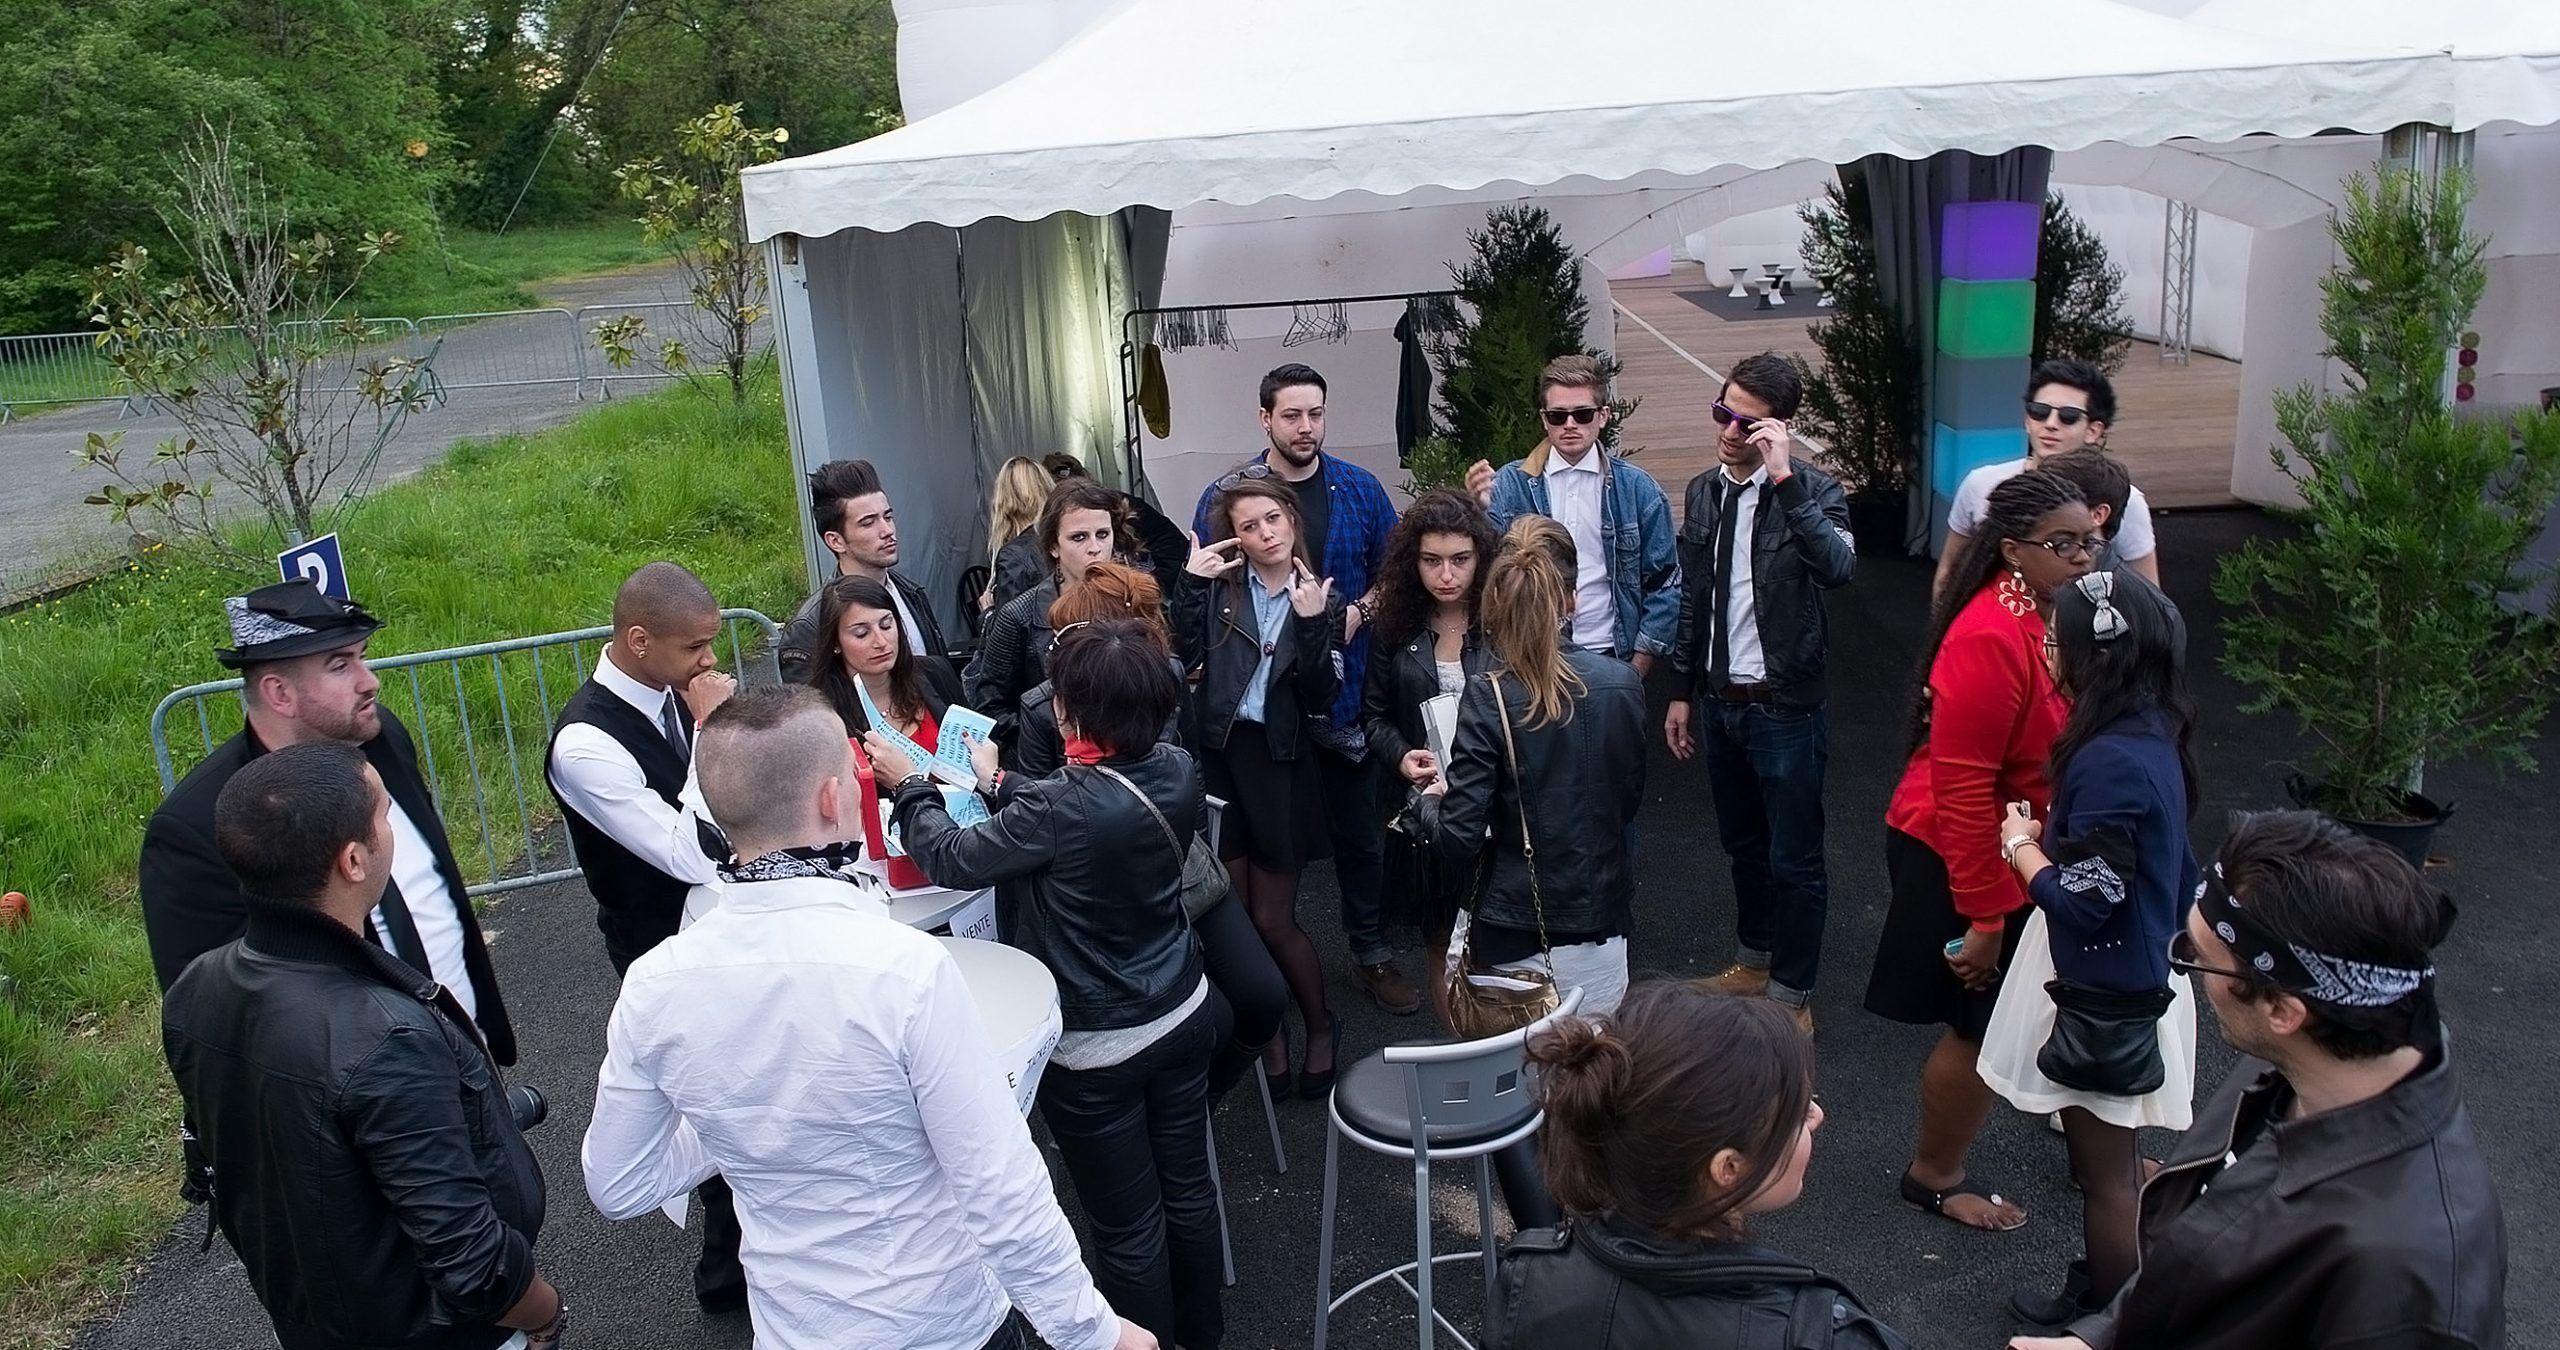 Agence Événementielle Toulouse Soiree de gala étudiant Onlyevent 1 5 scaled